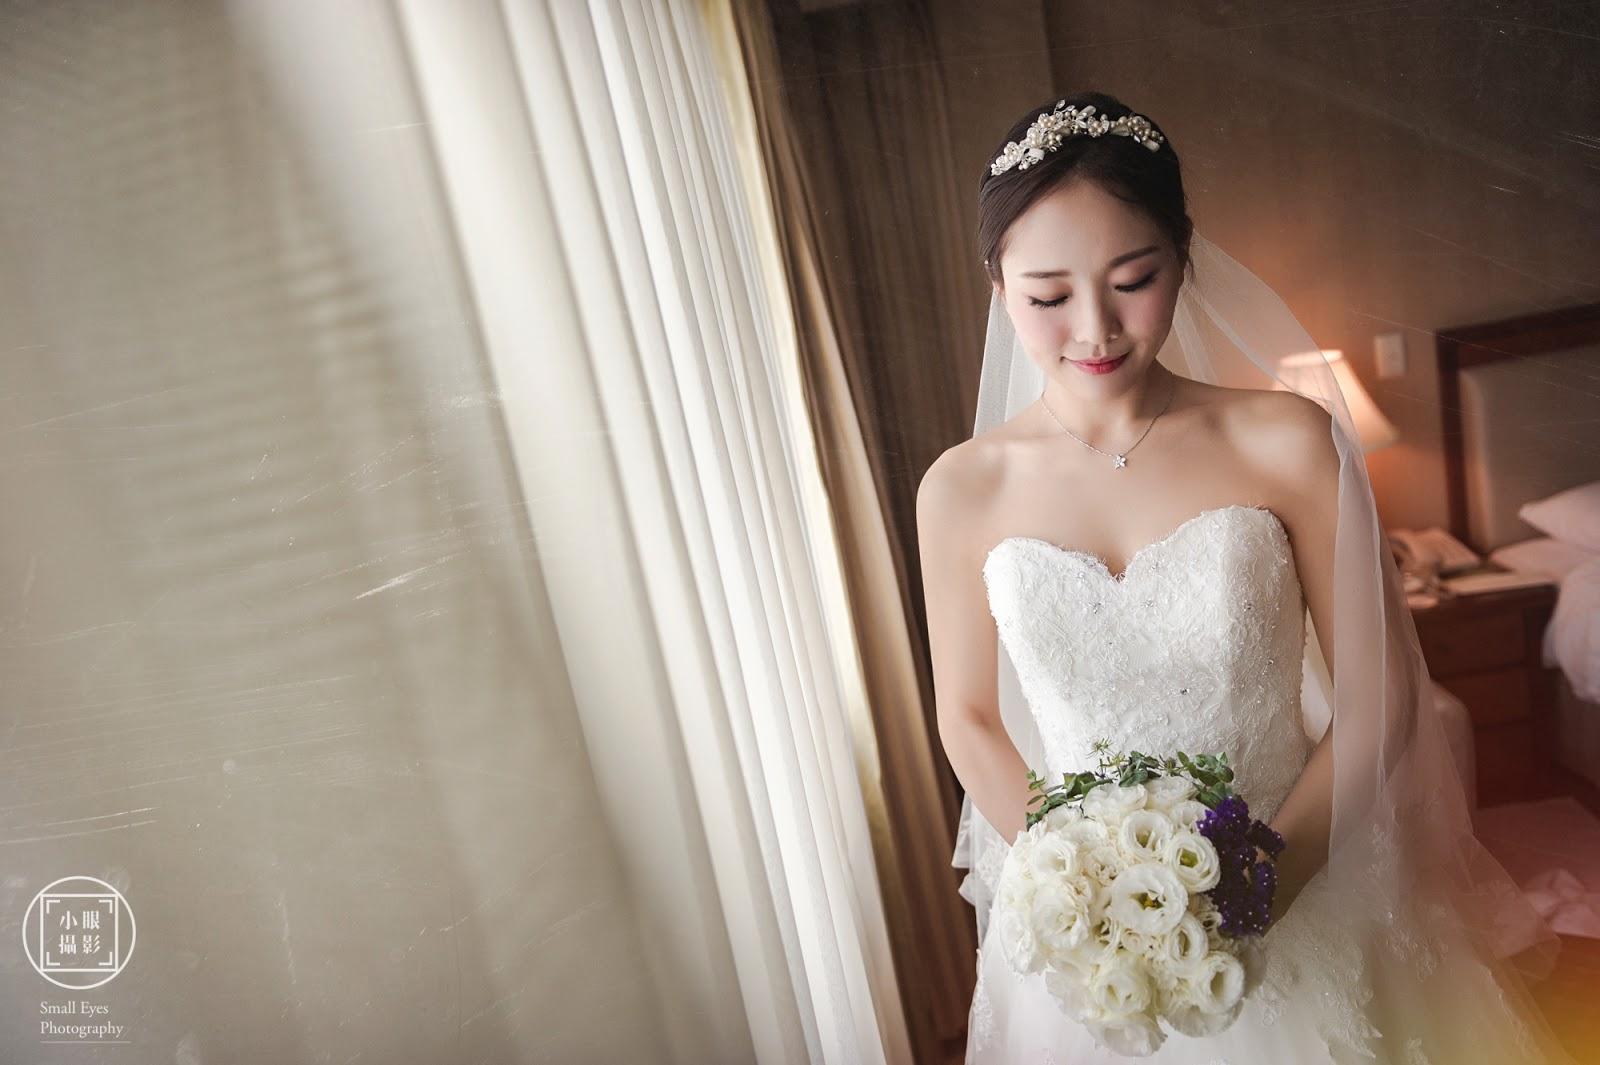 婚攝,小眼攝影,婚禮紀實,婚禮紀錄,婚紗,寫真,台中長榮桂冠酒店